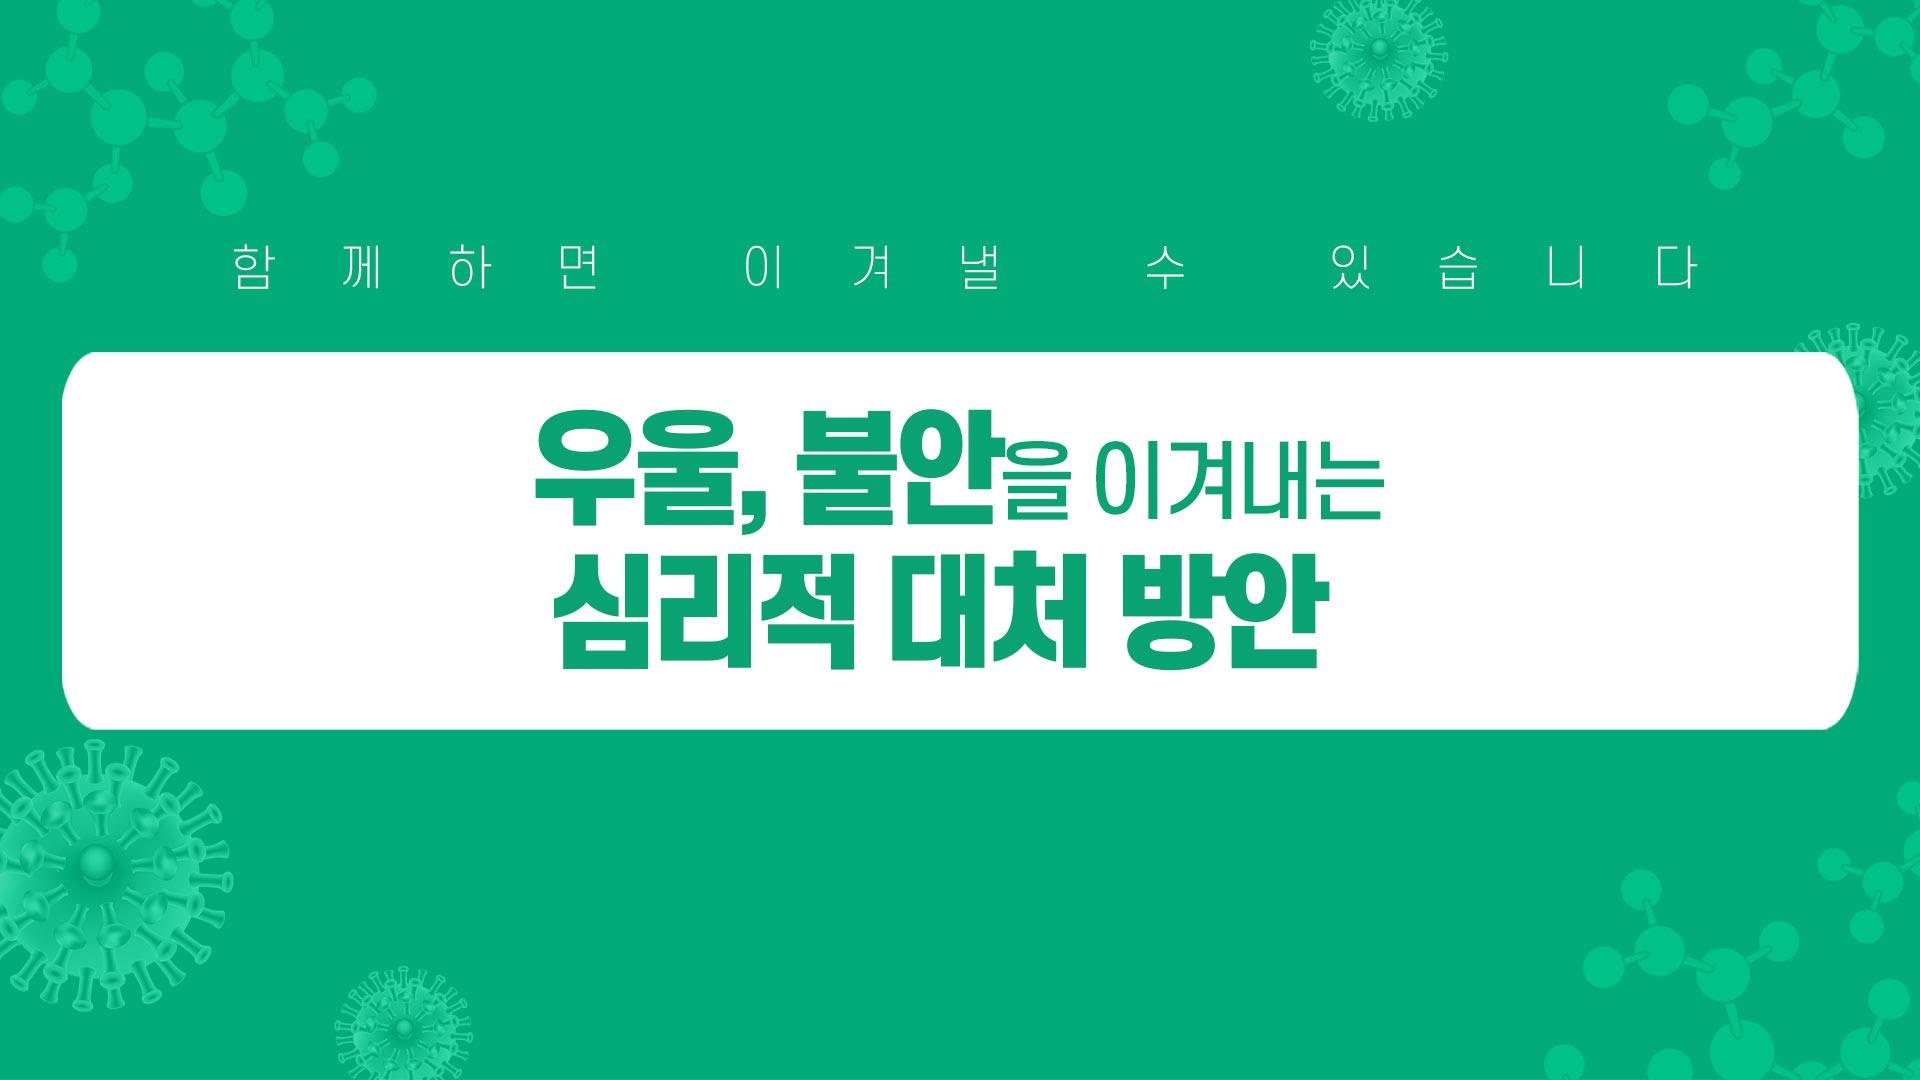 김자성 정신과 전문의 우울,방안을 이겨내는 심리적 대처 방안